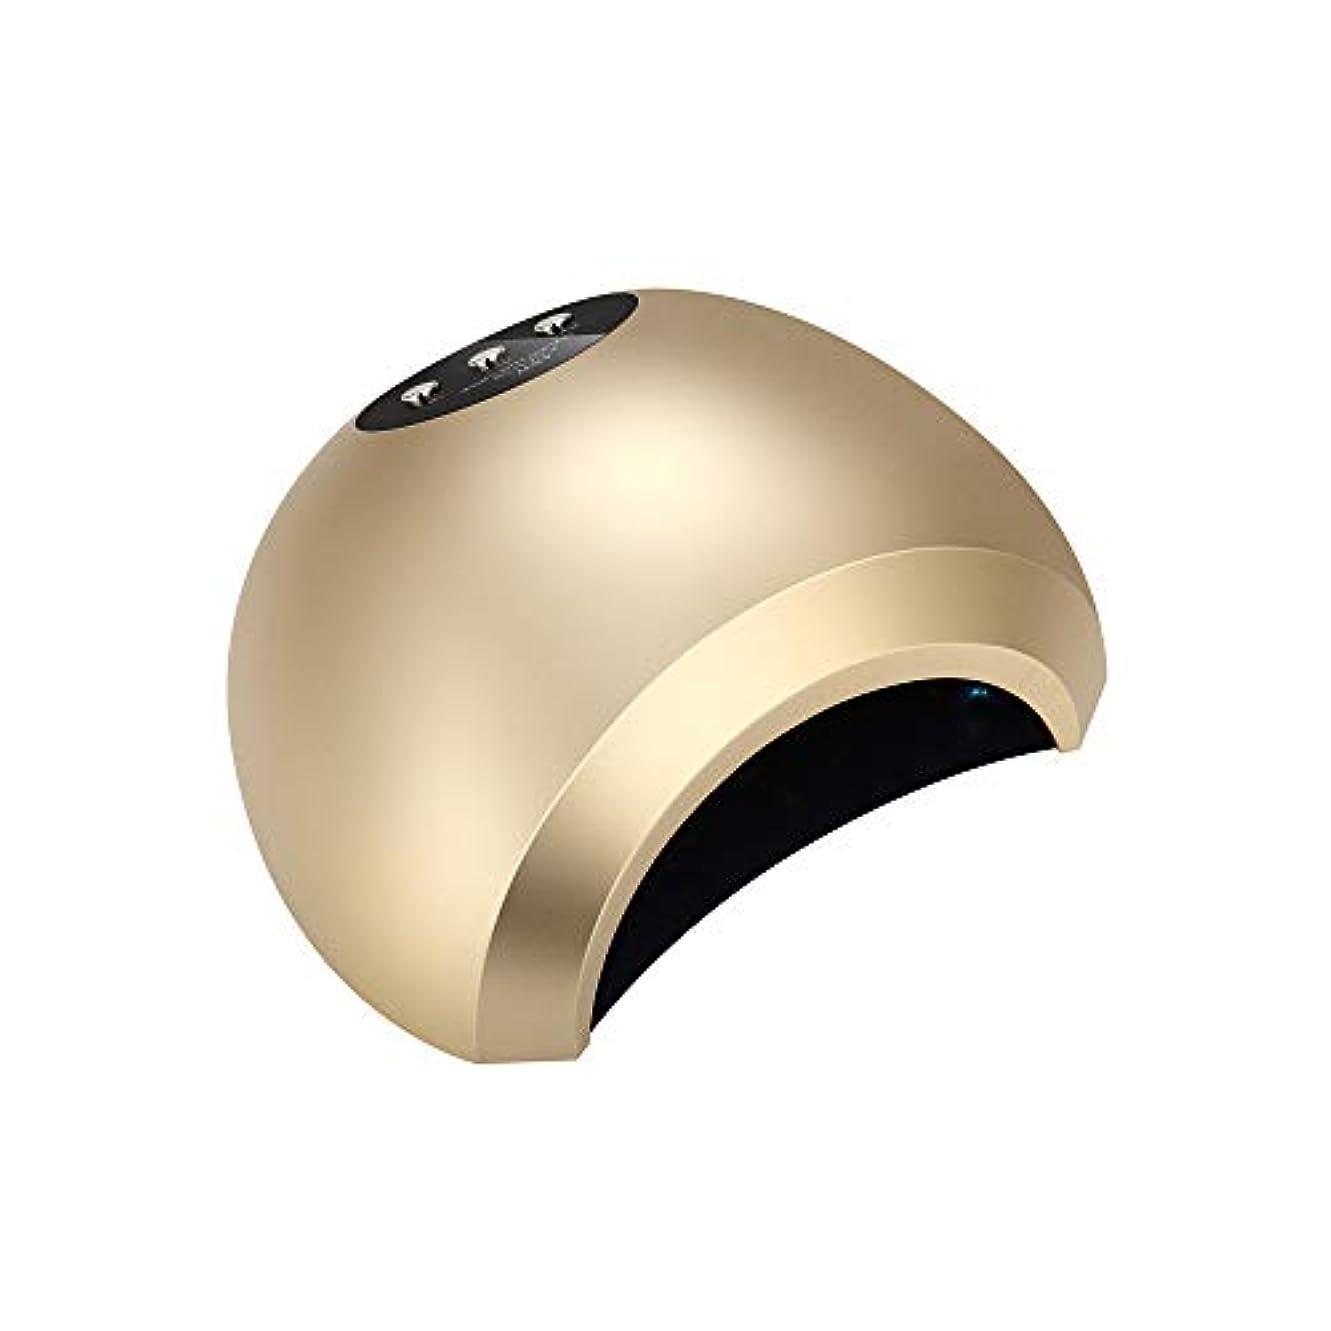 共感するファンタジーヘクタール48Wインテリジェント誘導デュアル光源放熱無痛速乾性光線療法ランプネイルポリッシュグルーライト速乾性ドライヤーネイルポリッシュUVランプ